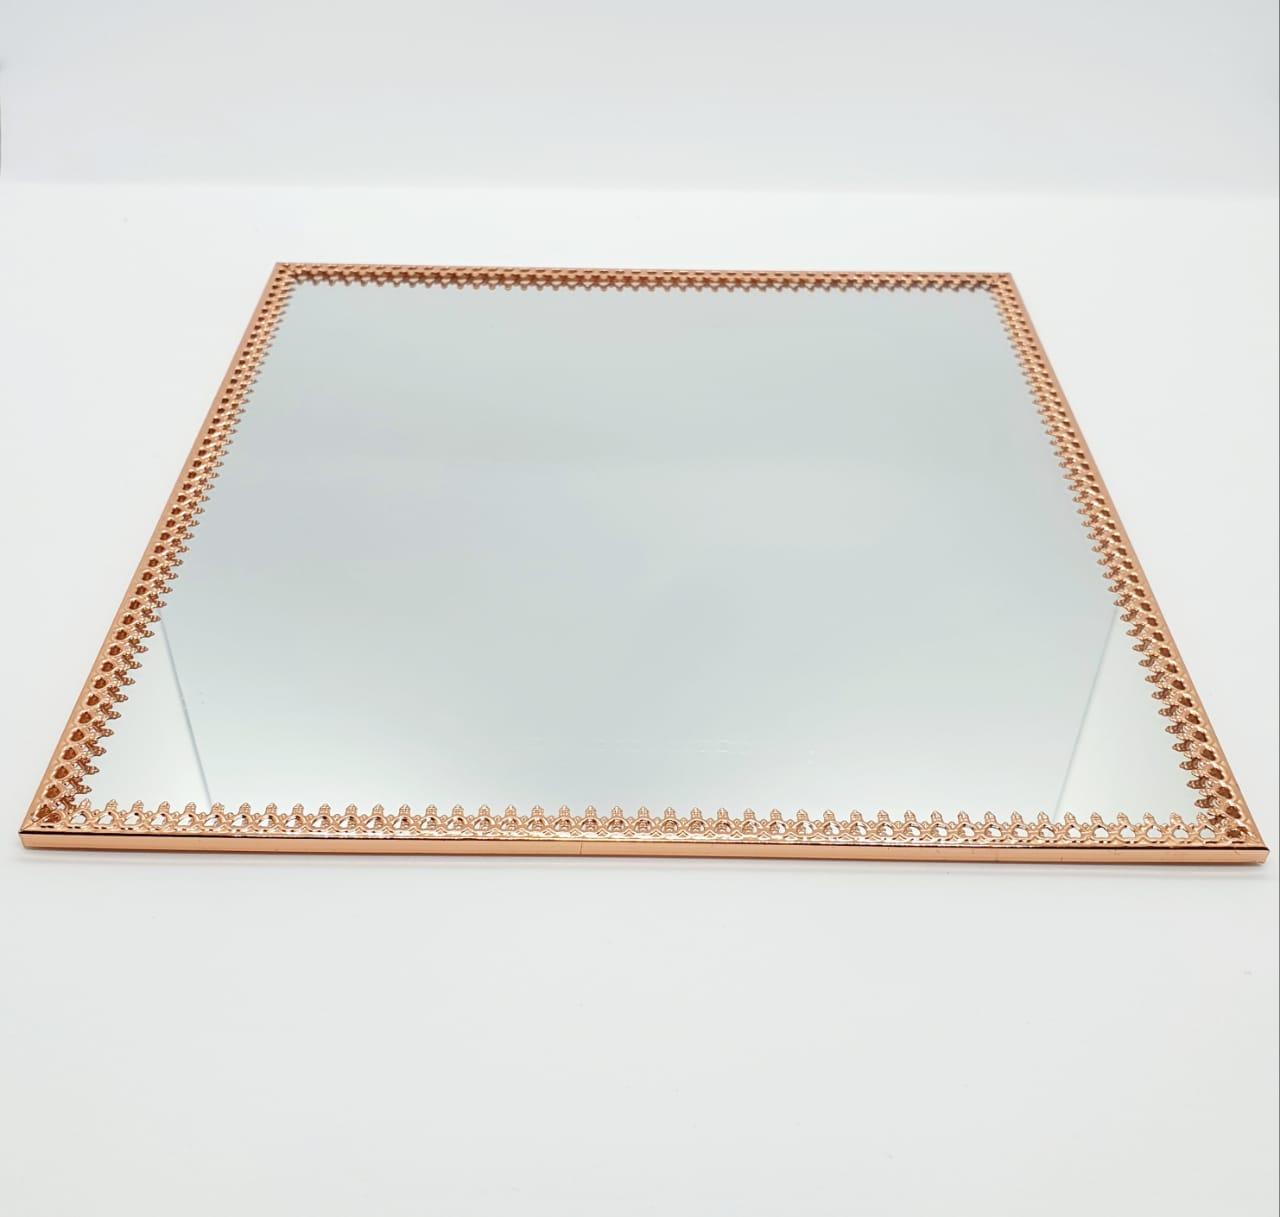 Bandeja espelhada quadrada rose gold